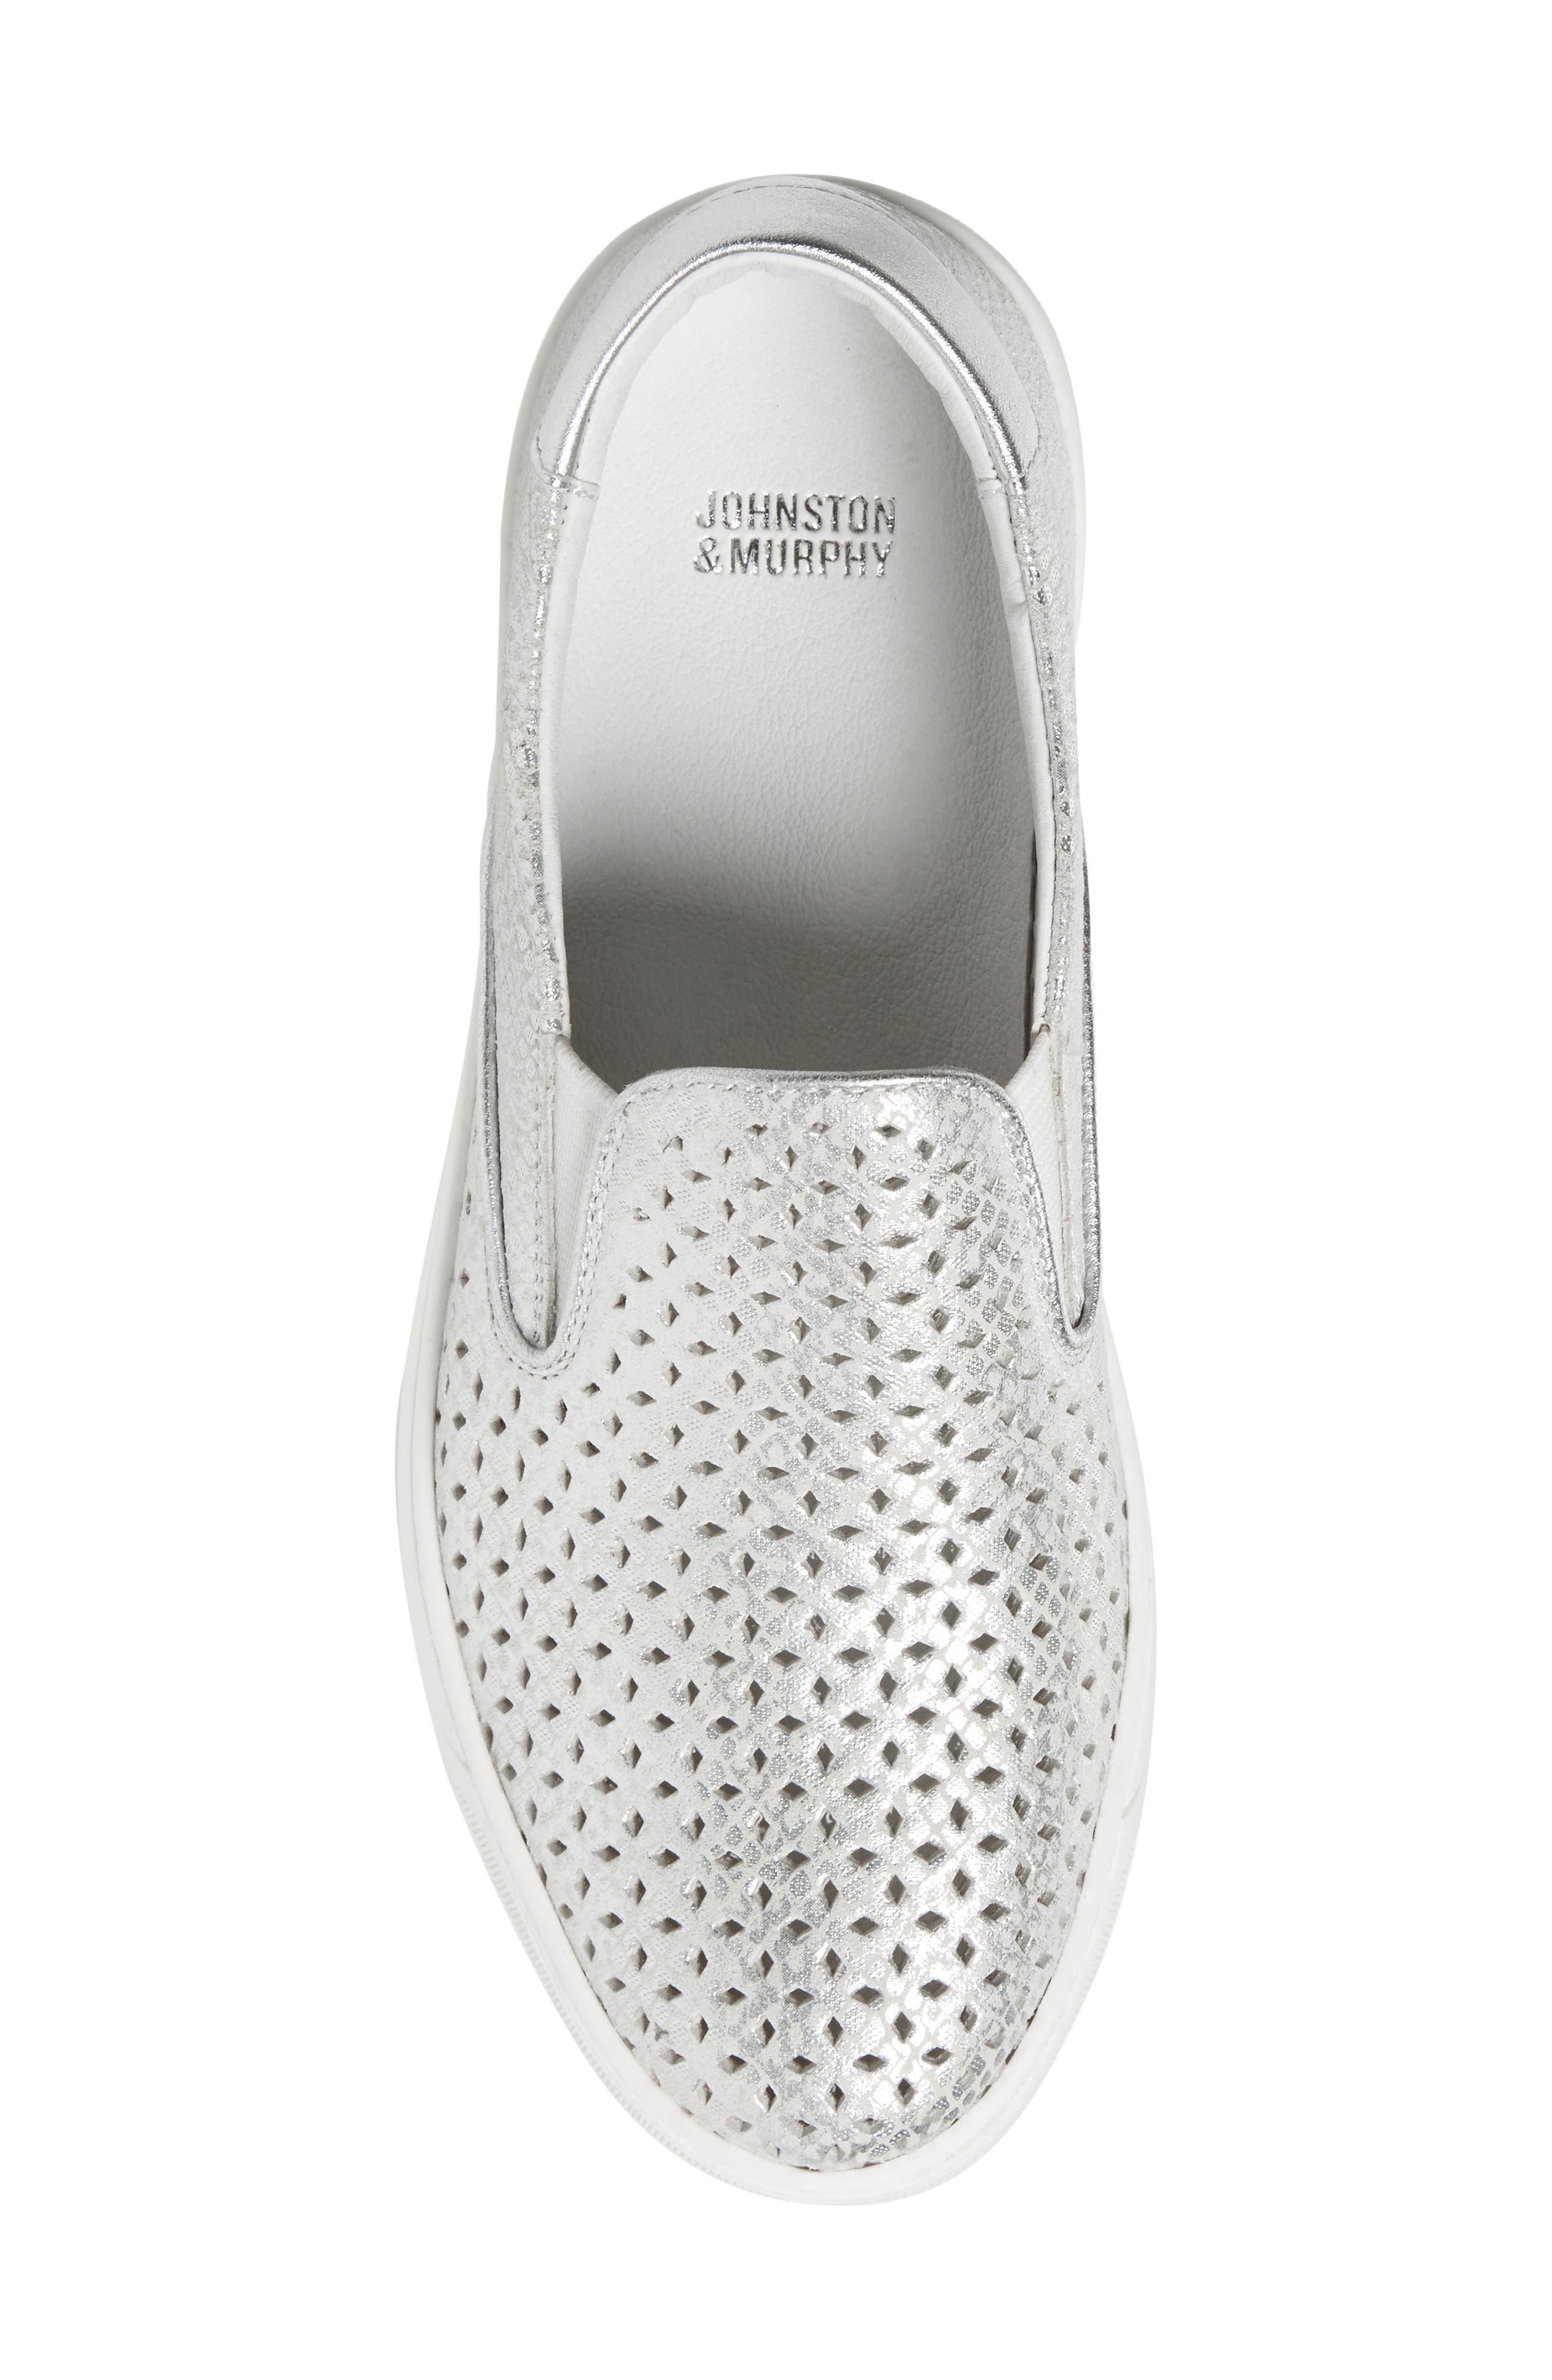 JOHNSTON & MURPHY, Elaine Slip-On Sneaker, Alternate thumbnail 5, color, SILVER SNAKE PRINT LEATHER